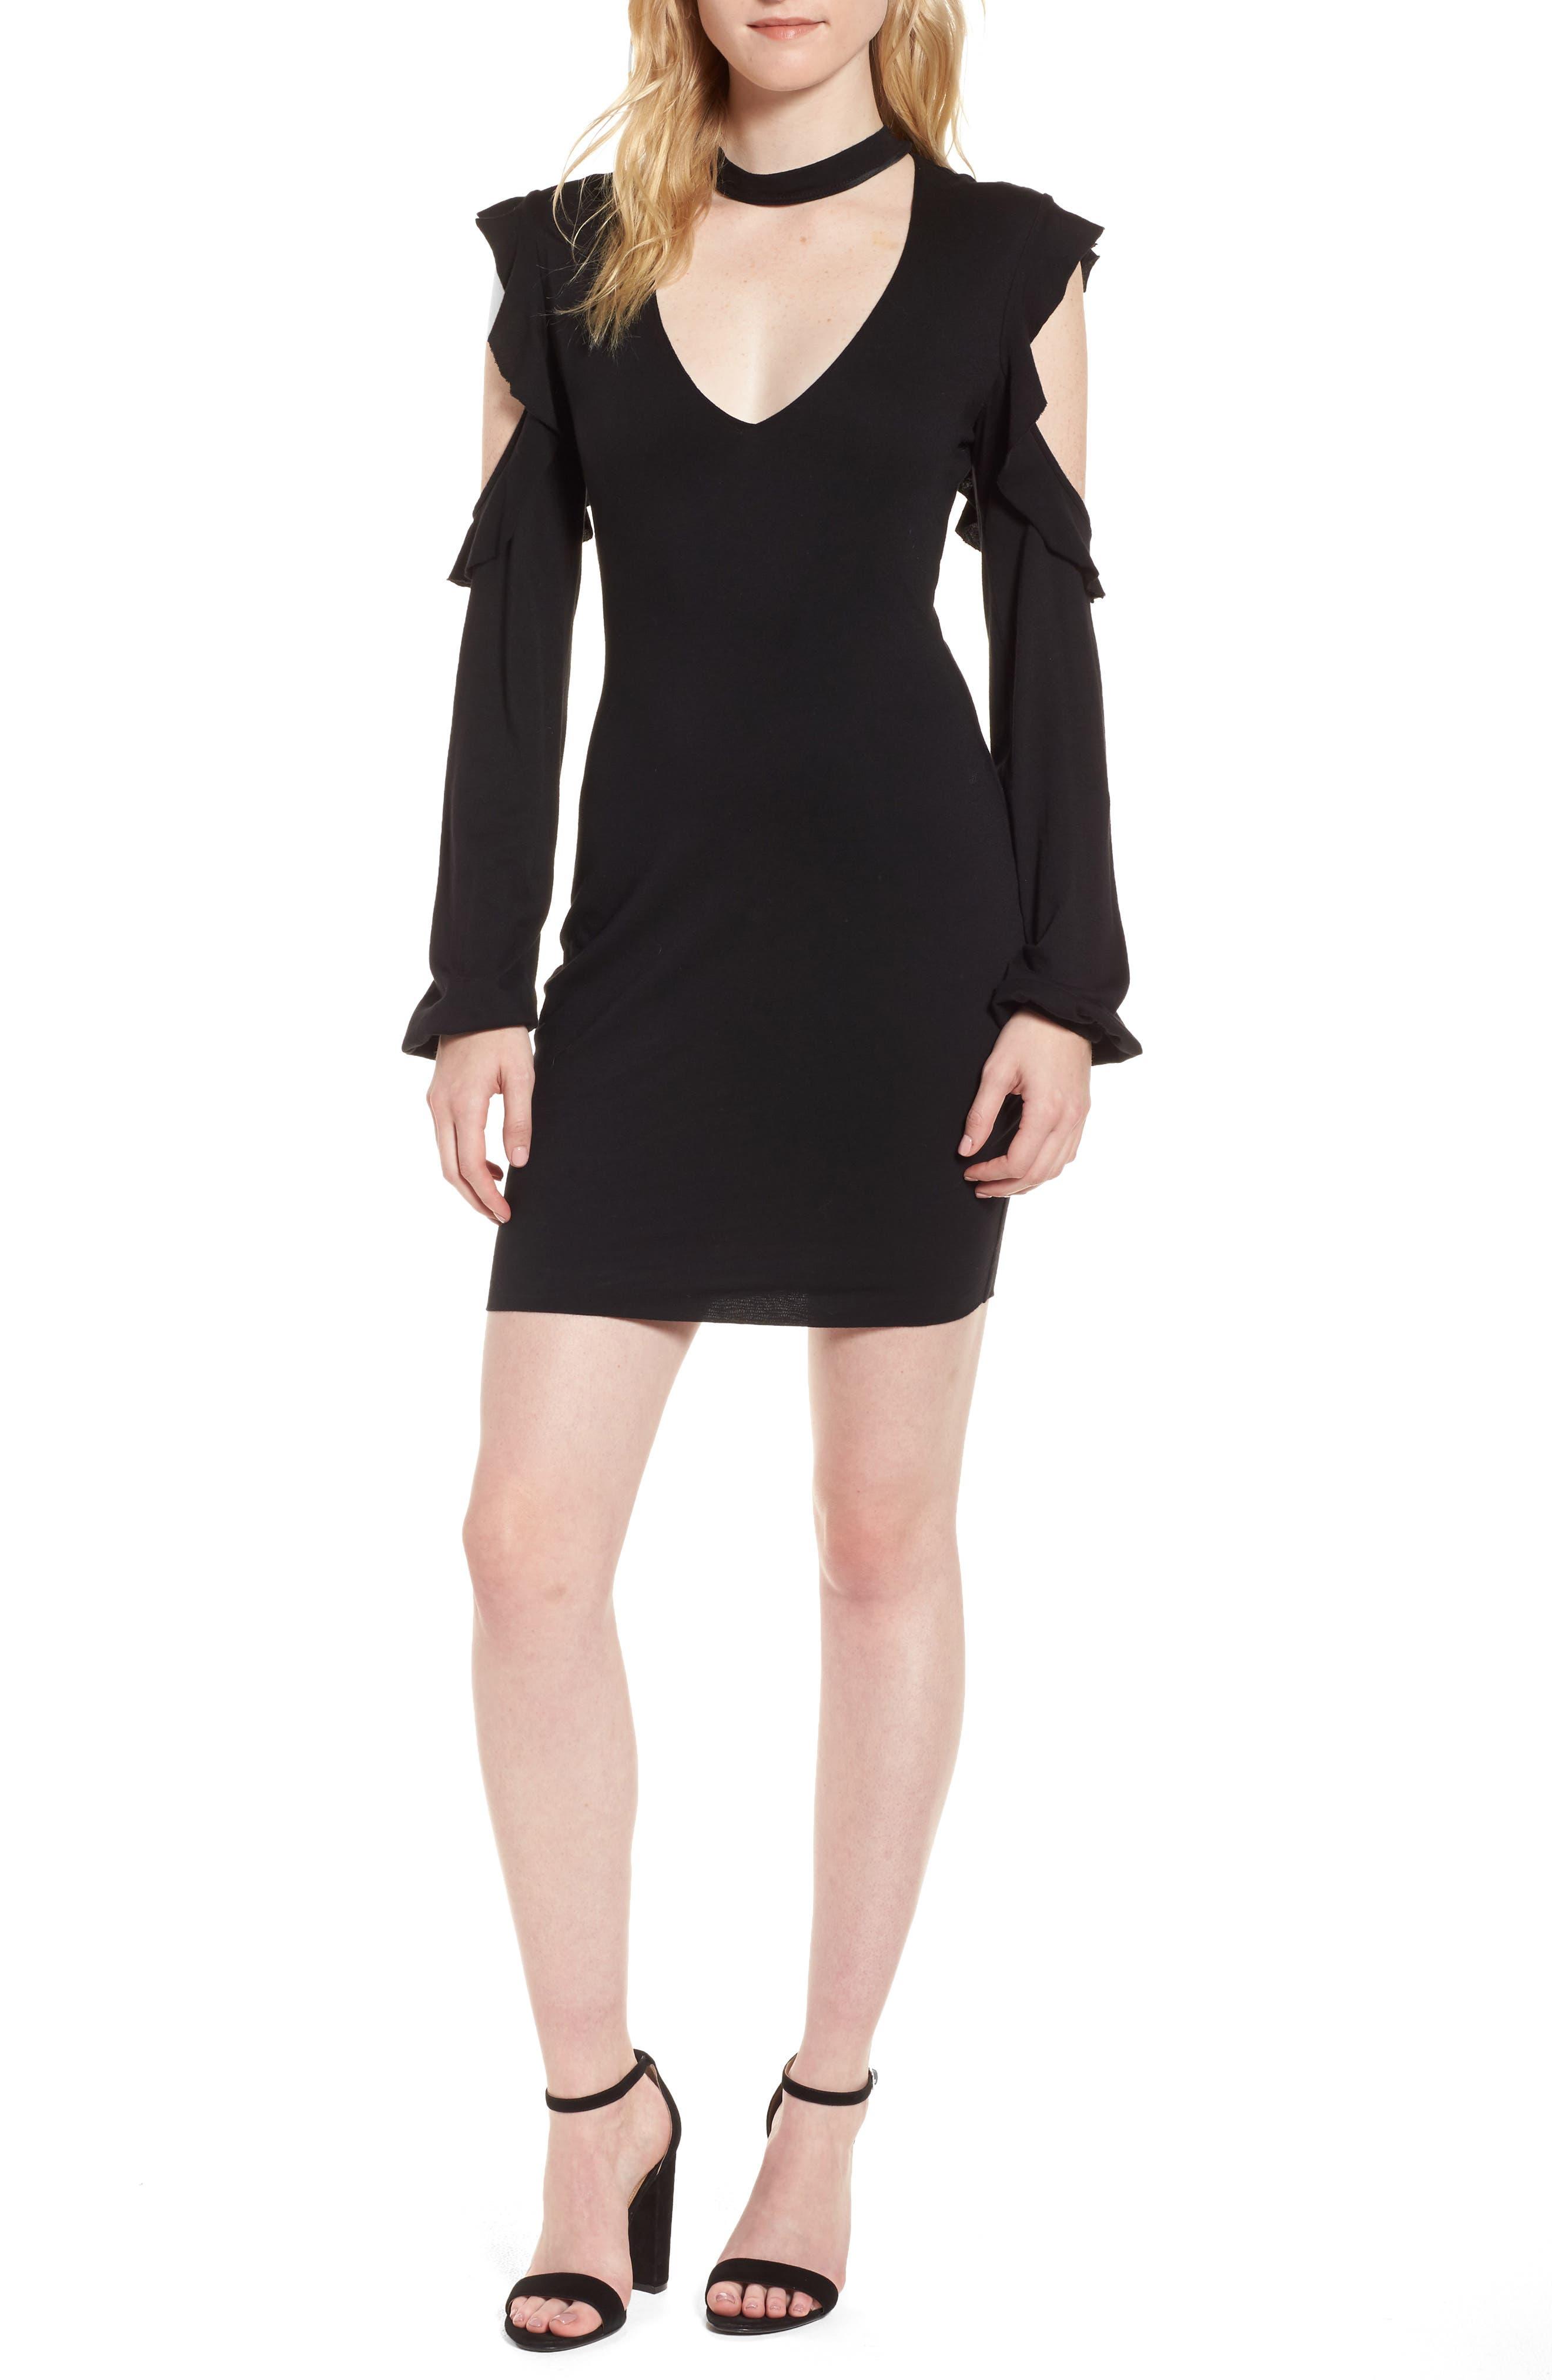 Main Image - Pam & Gela Cold Shoulder Sheath Dress